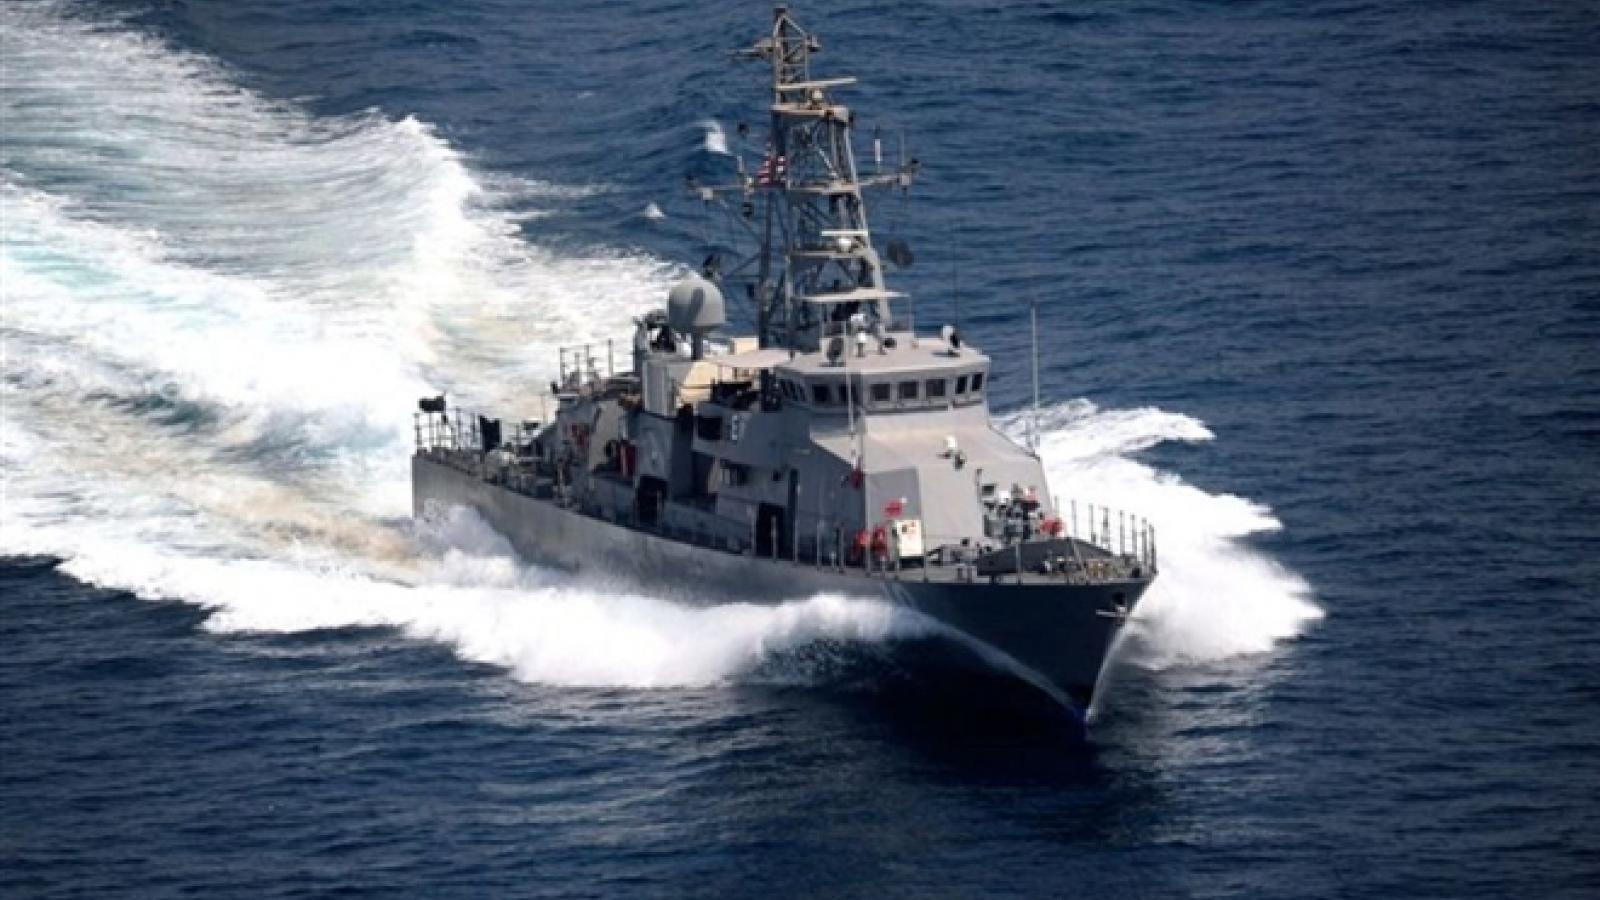 Tàu Mỹ nổ súng bắn cảnh cáo tàu Iran khi bị 3 tàu Iran áp sát